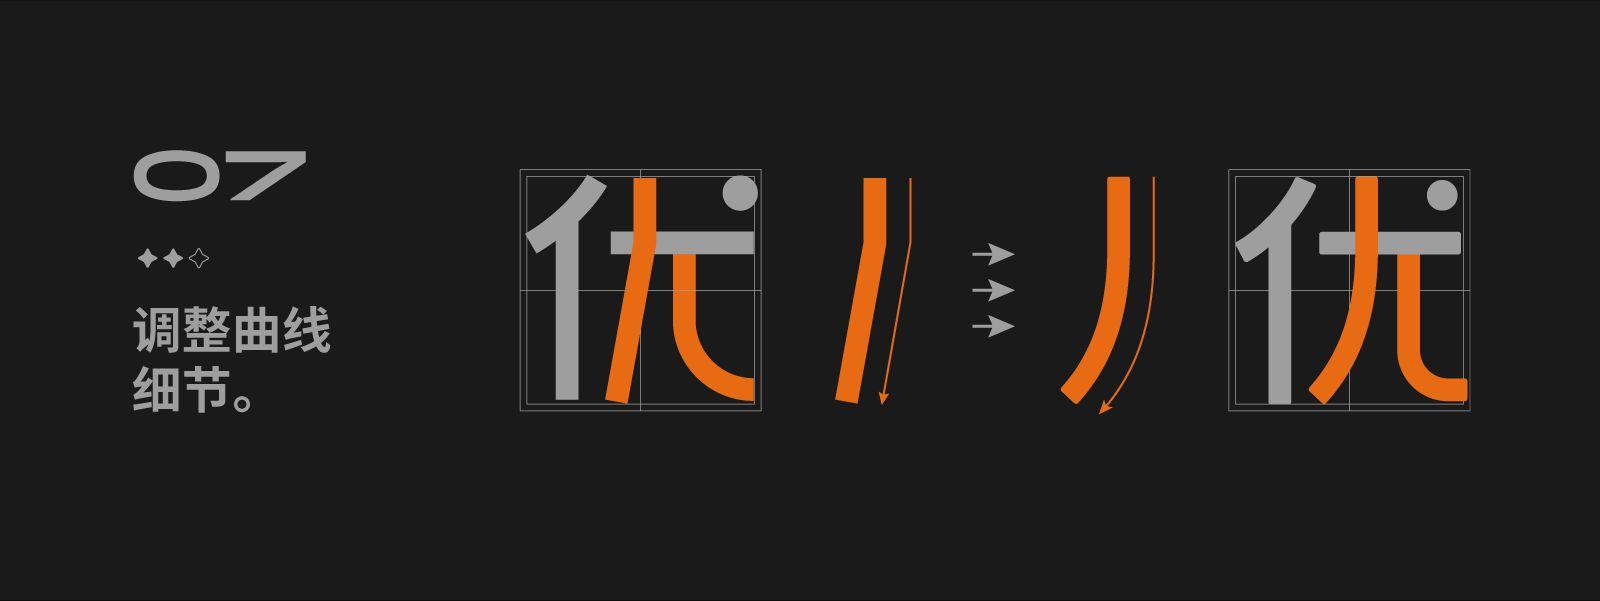 告别字体侵权!改字?借鉴?原创?3 大字体设计秘诀全在这!